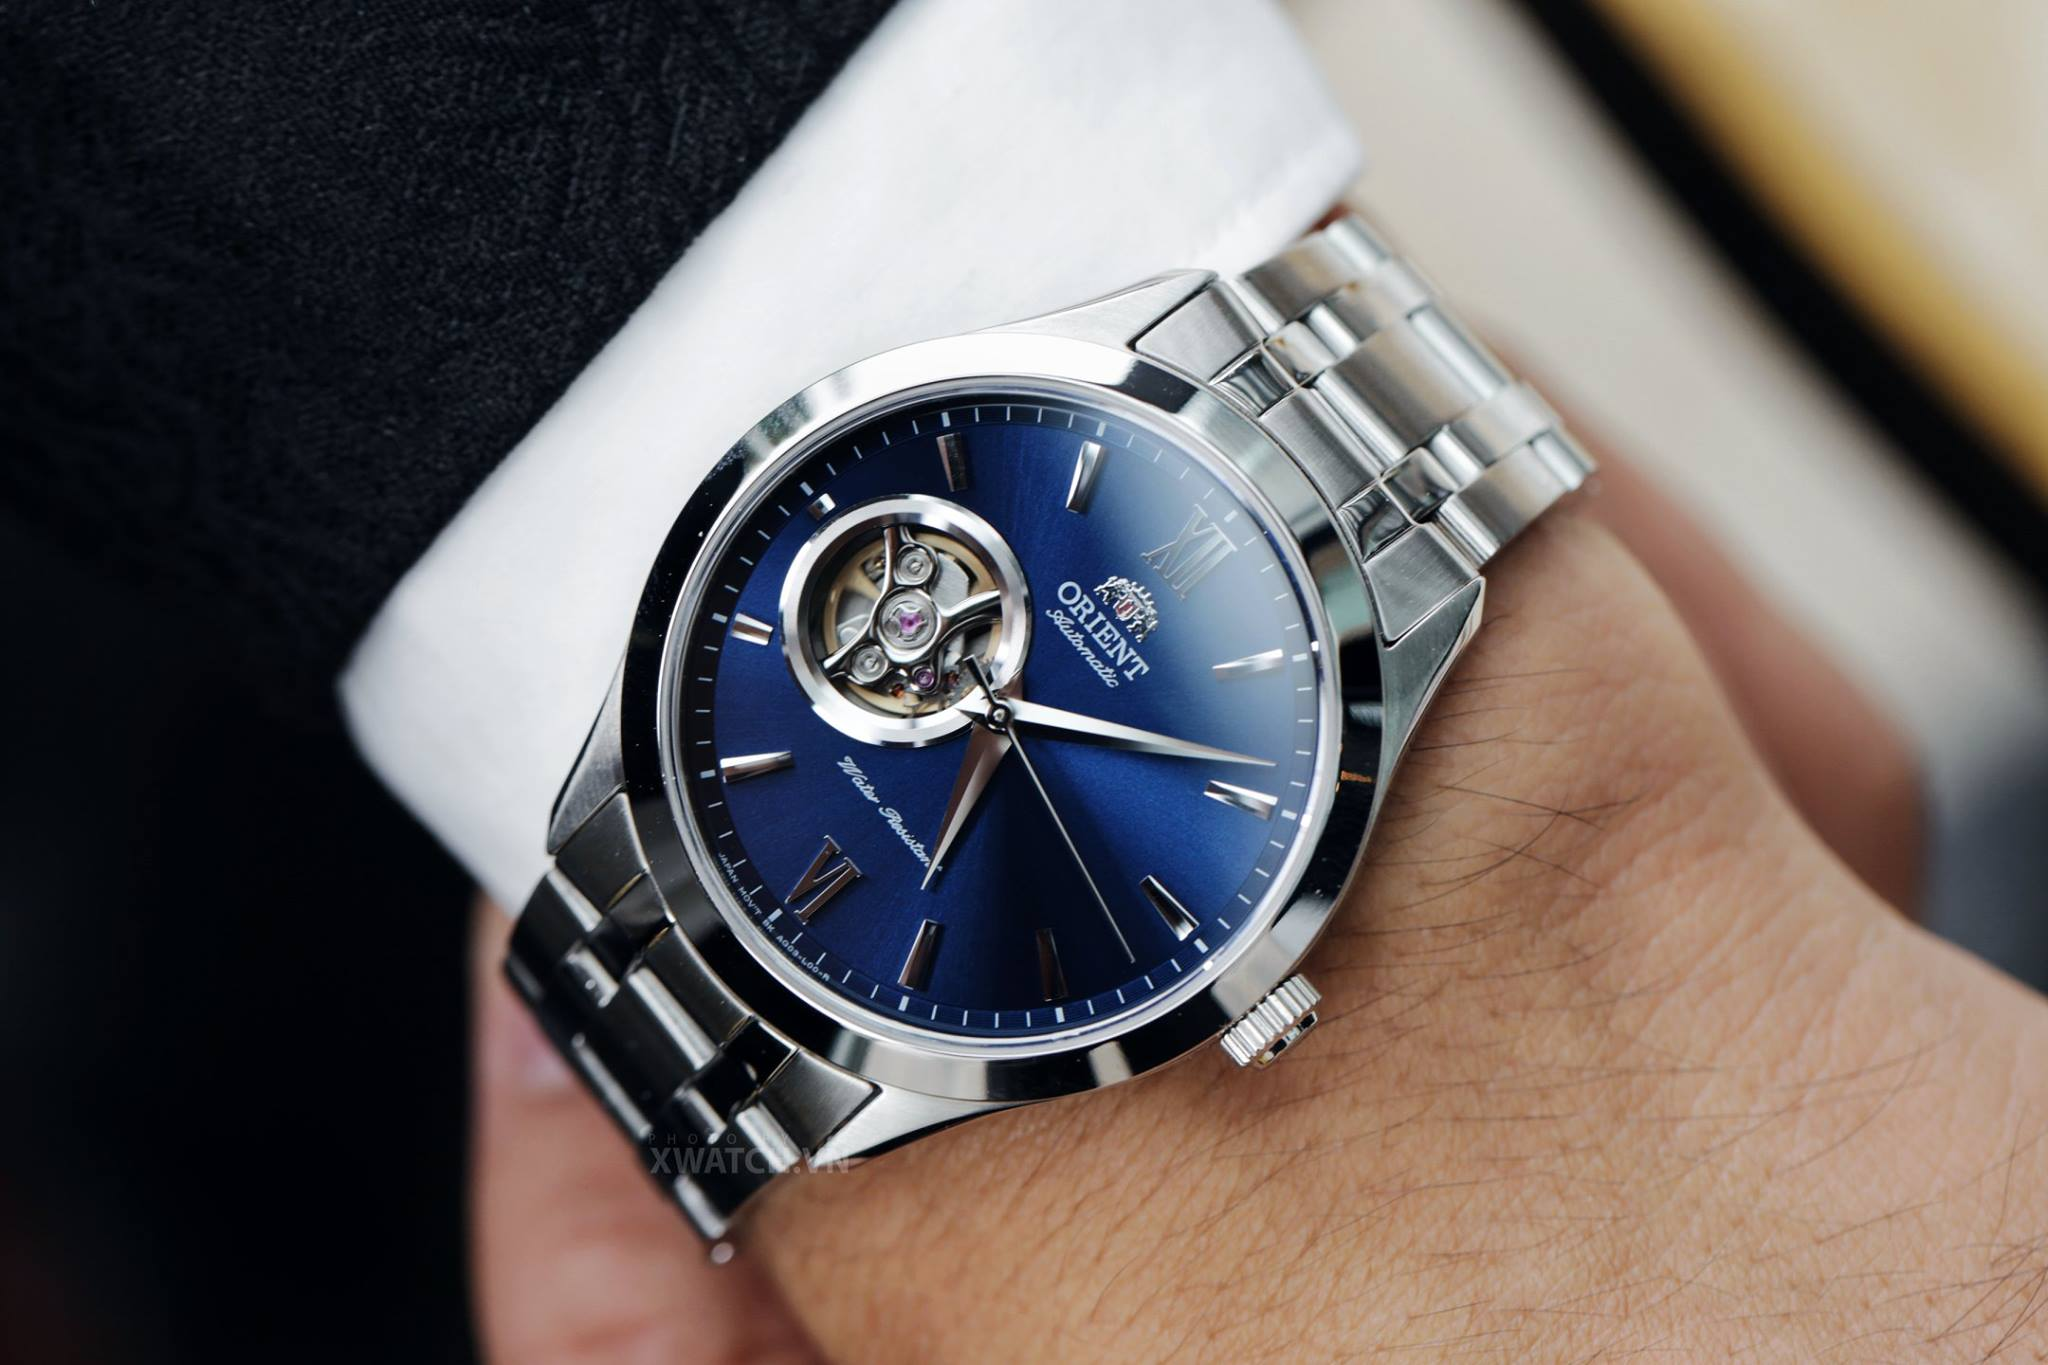 đồng hồ cơ dây kim loại orient chính hãng